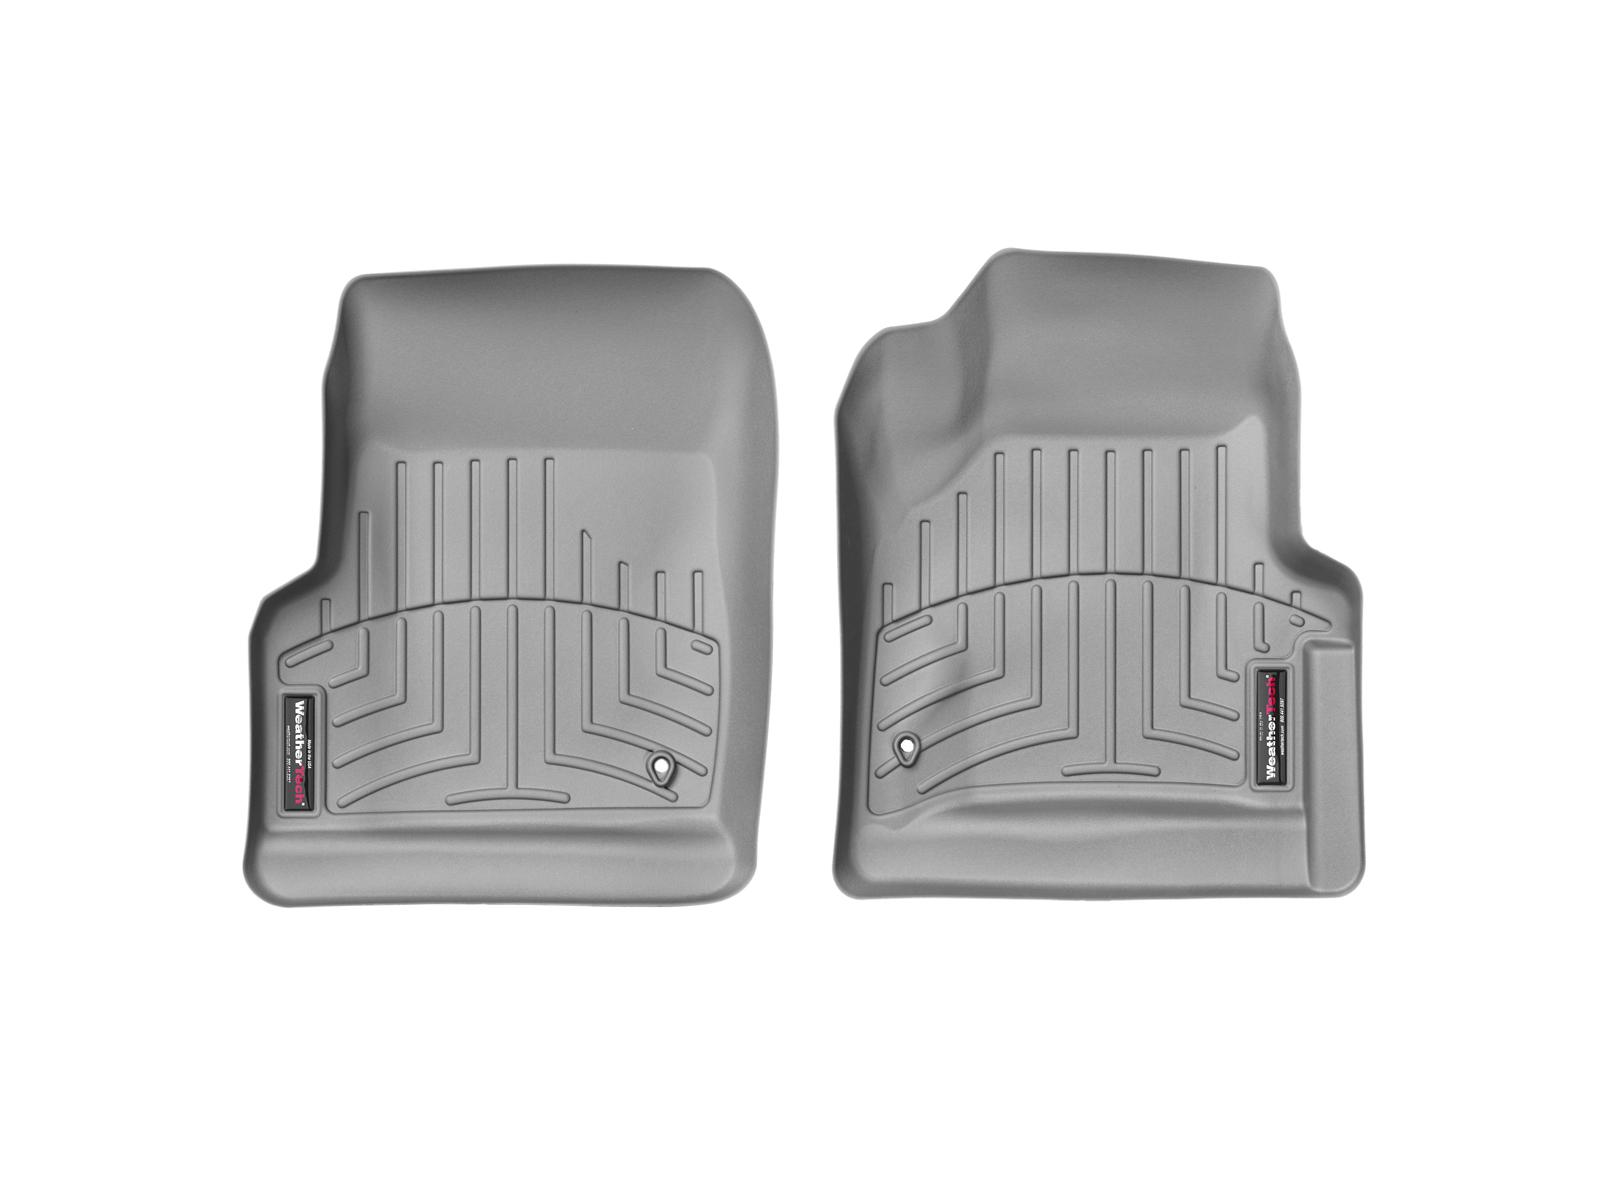 Tappeti gomma su misura bordo alto Jeep Wrangler 1997>06 Grigio A1724*